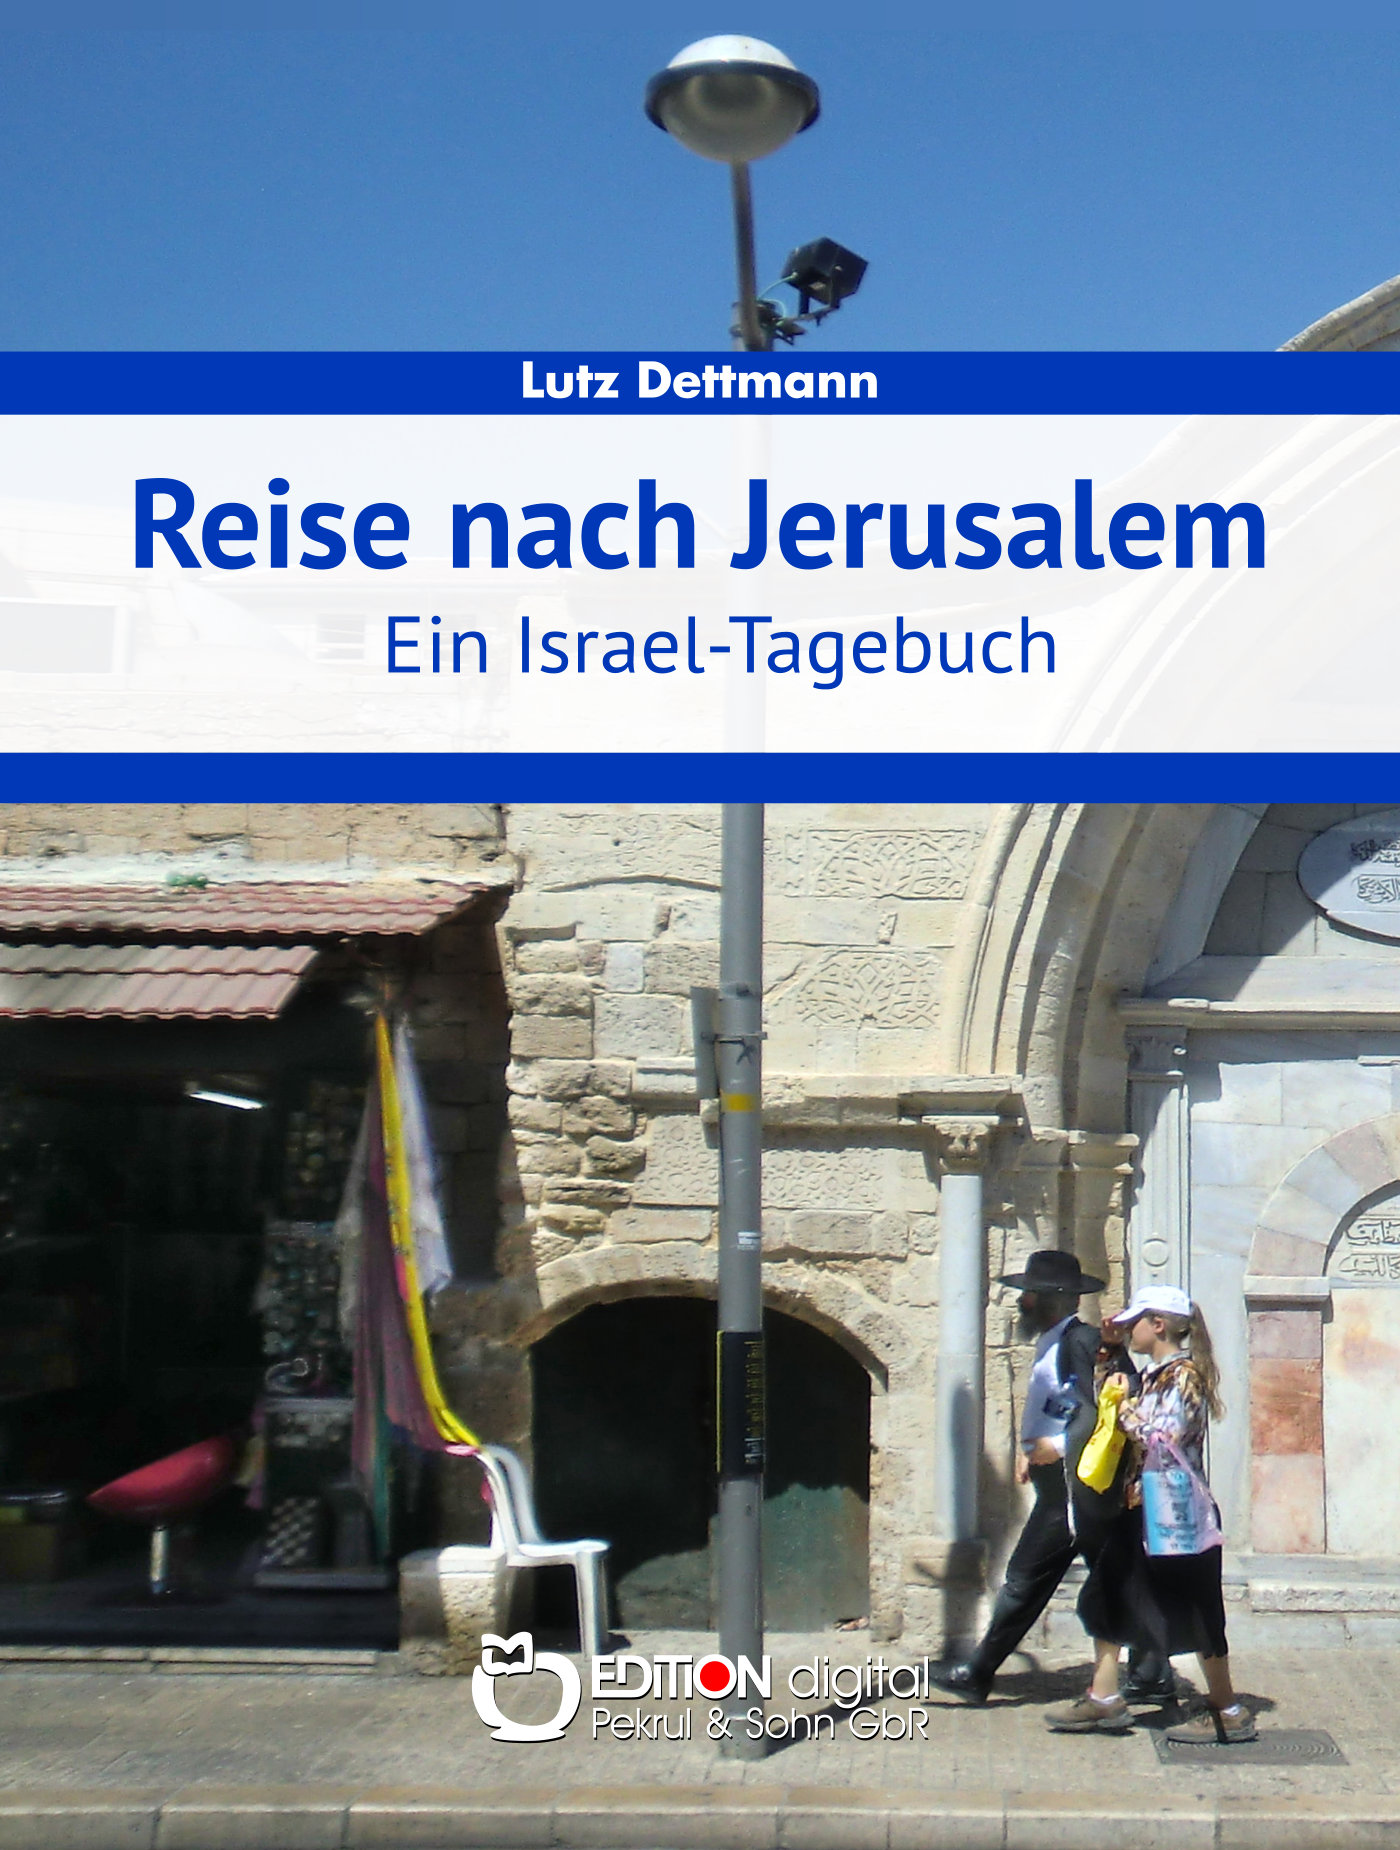 Reise nach Jerusalem. Ein Israel-Tagebuch von Lutz Dettmann